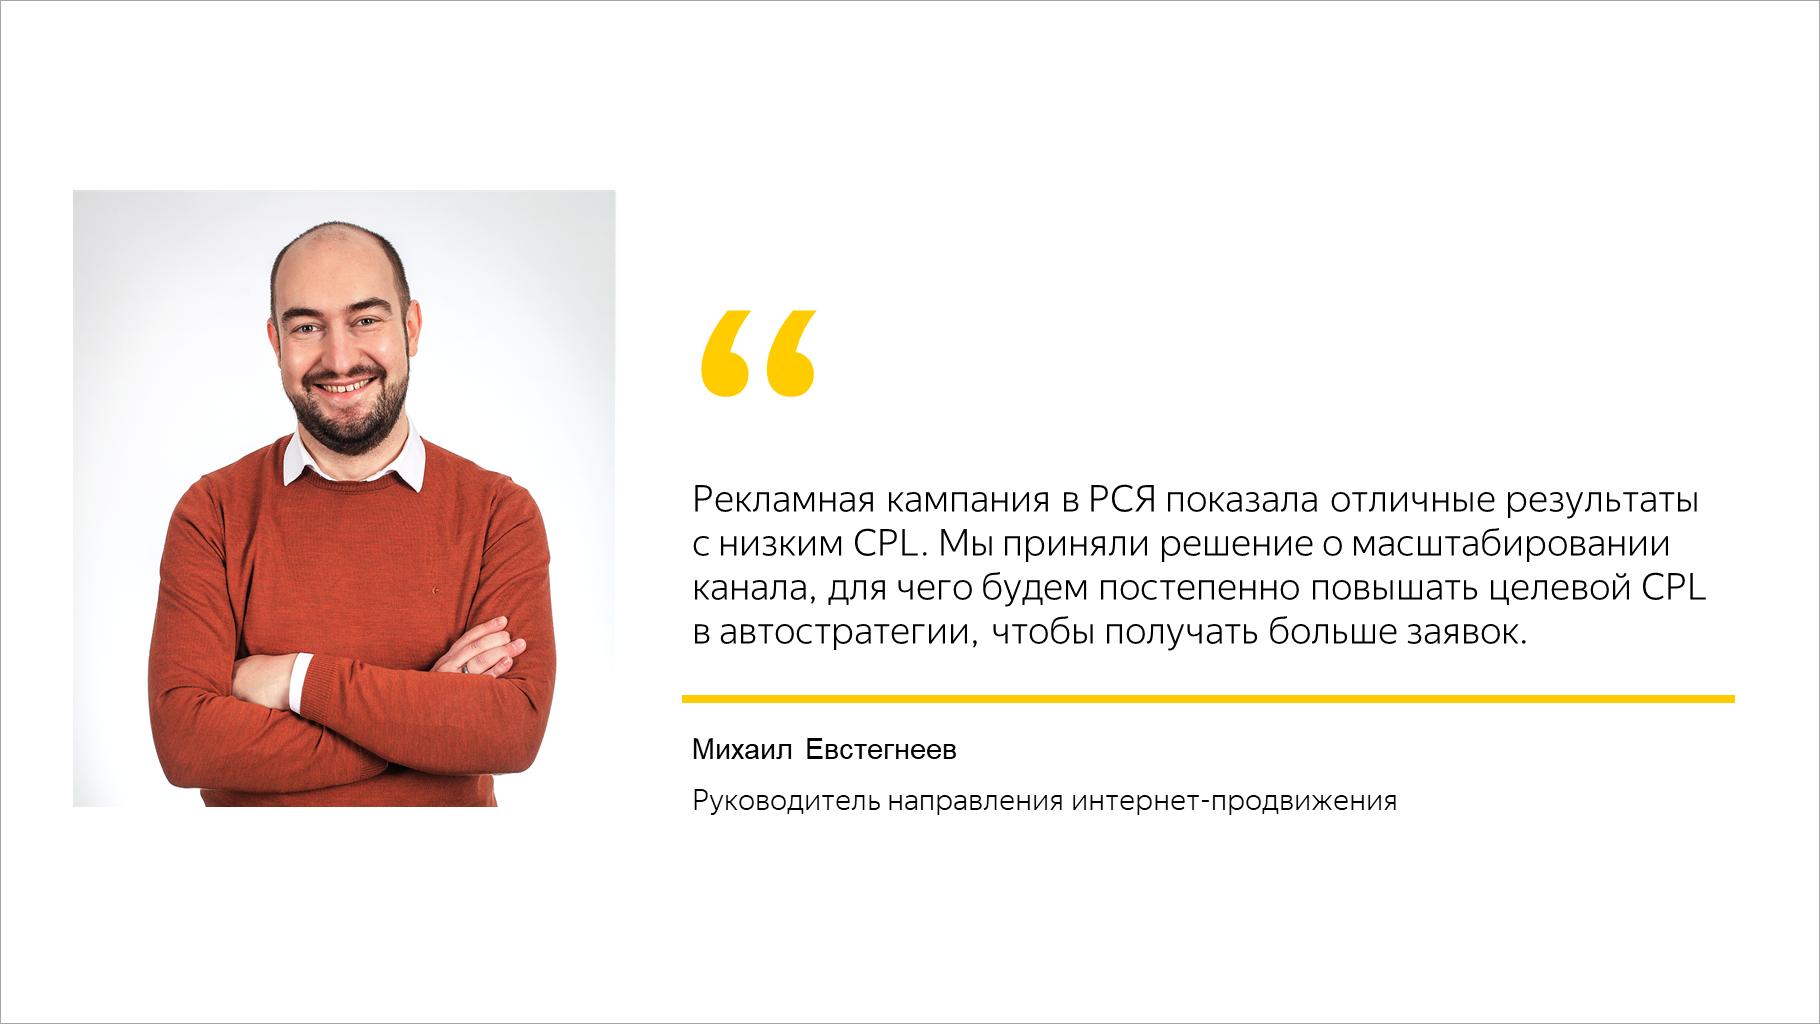 Рекламная кампания в РСЯ показала отличные результаты с низким CPL